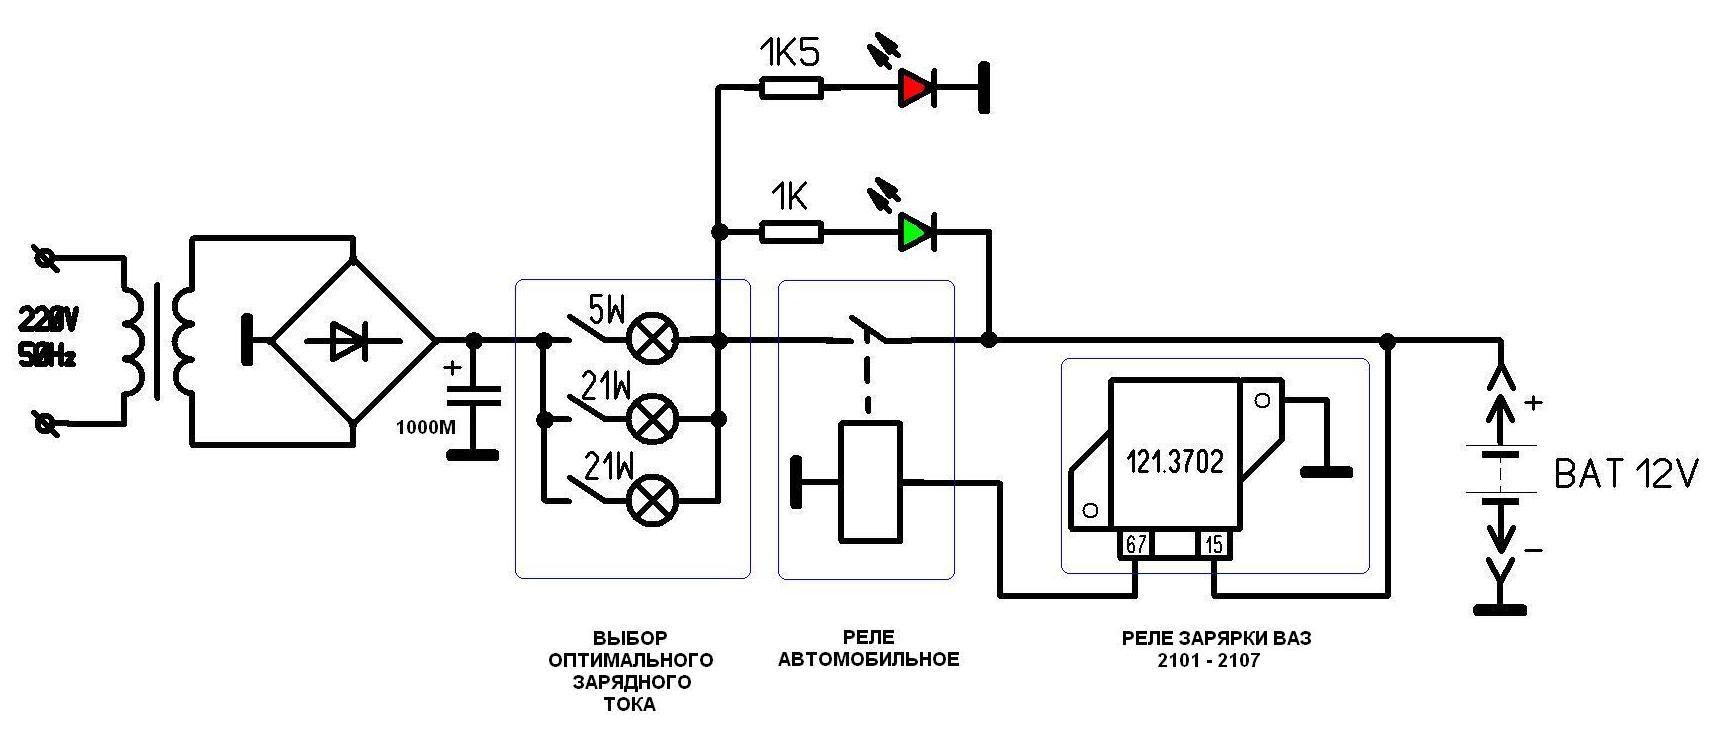 Схемы зарядных устройств автомобильных аккумуляторов на стабилизаторе